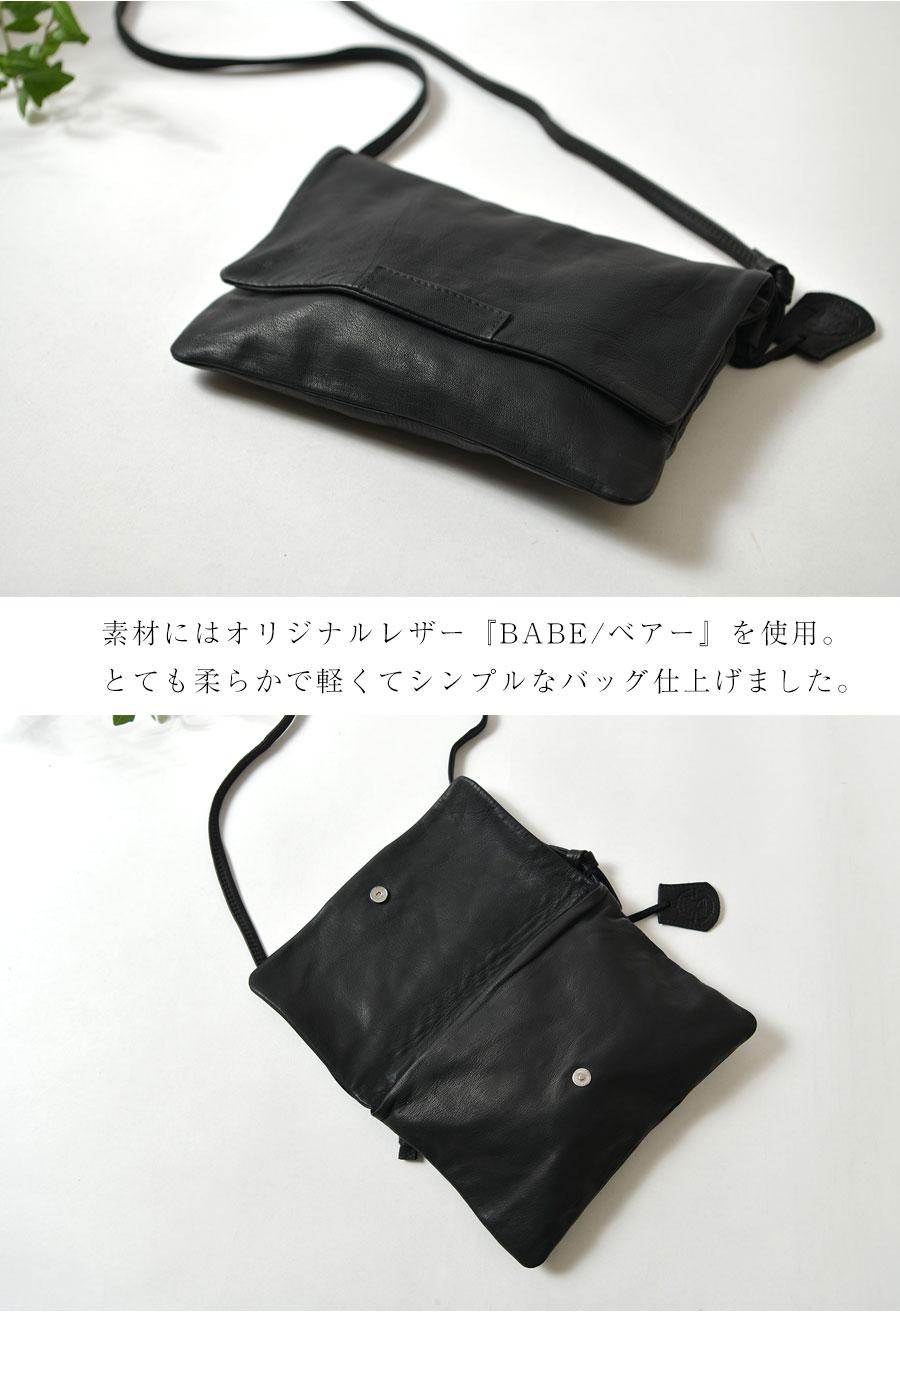 【RENレン】クラッチ ショルダー バッグ Sサイズ(FU-11981)